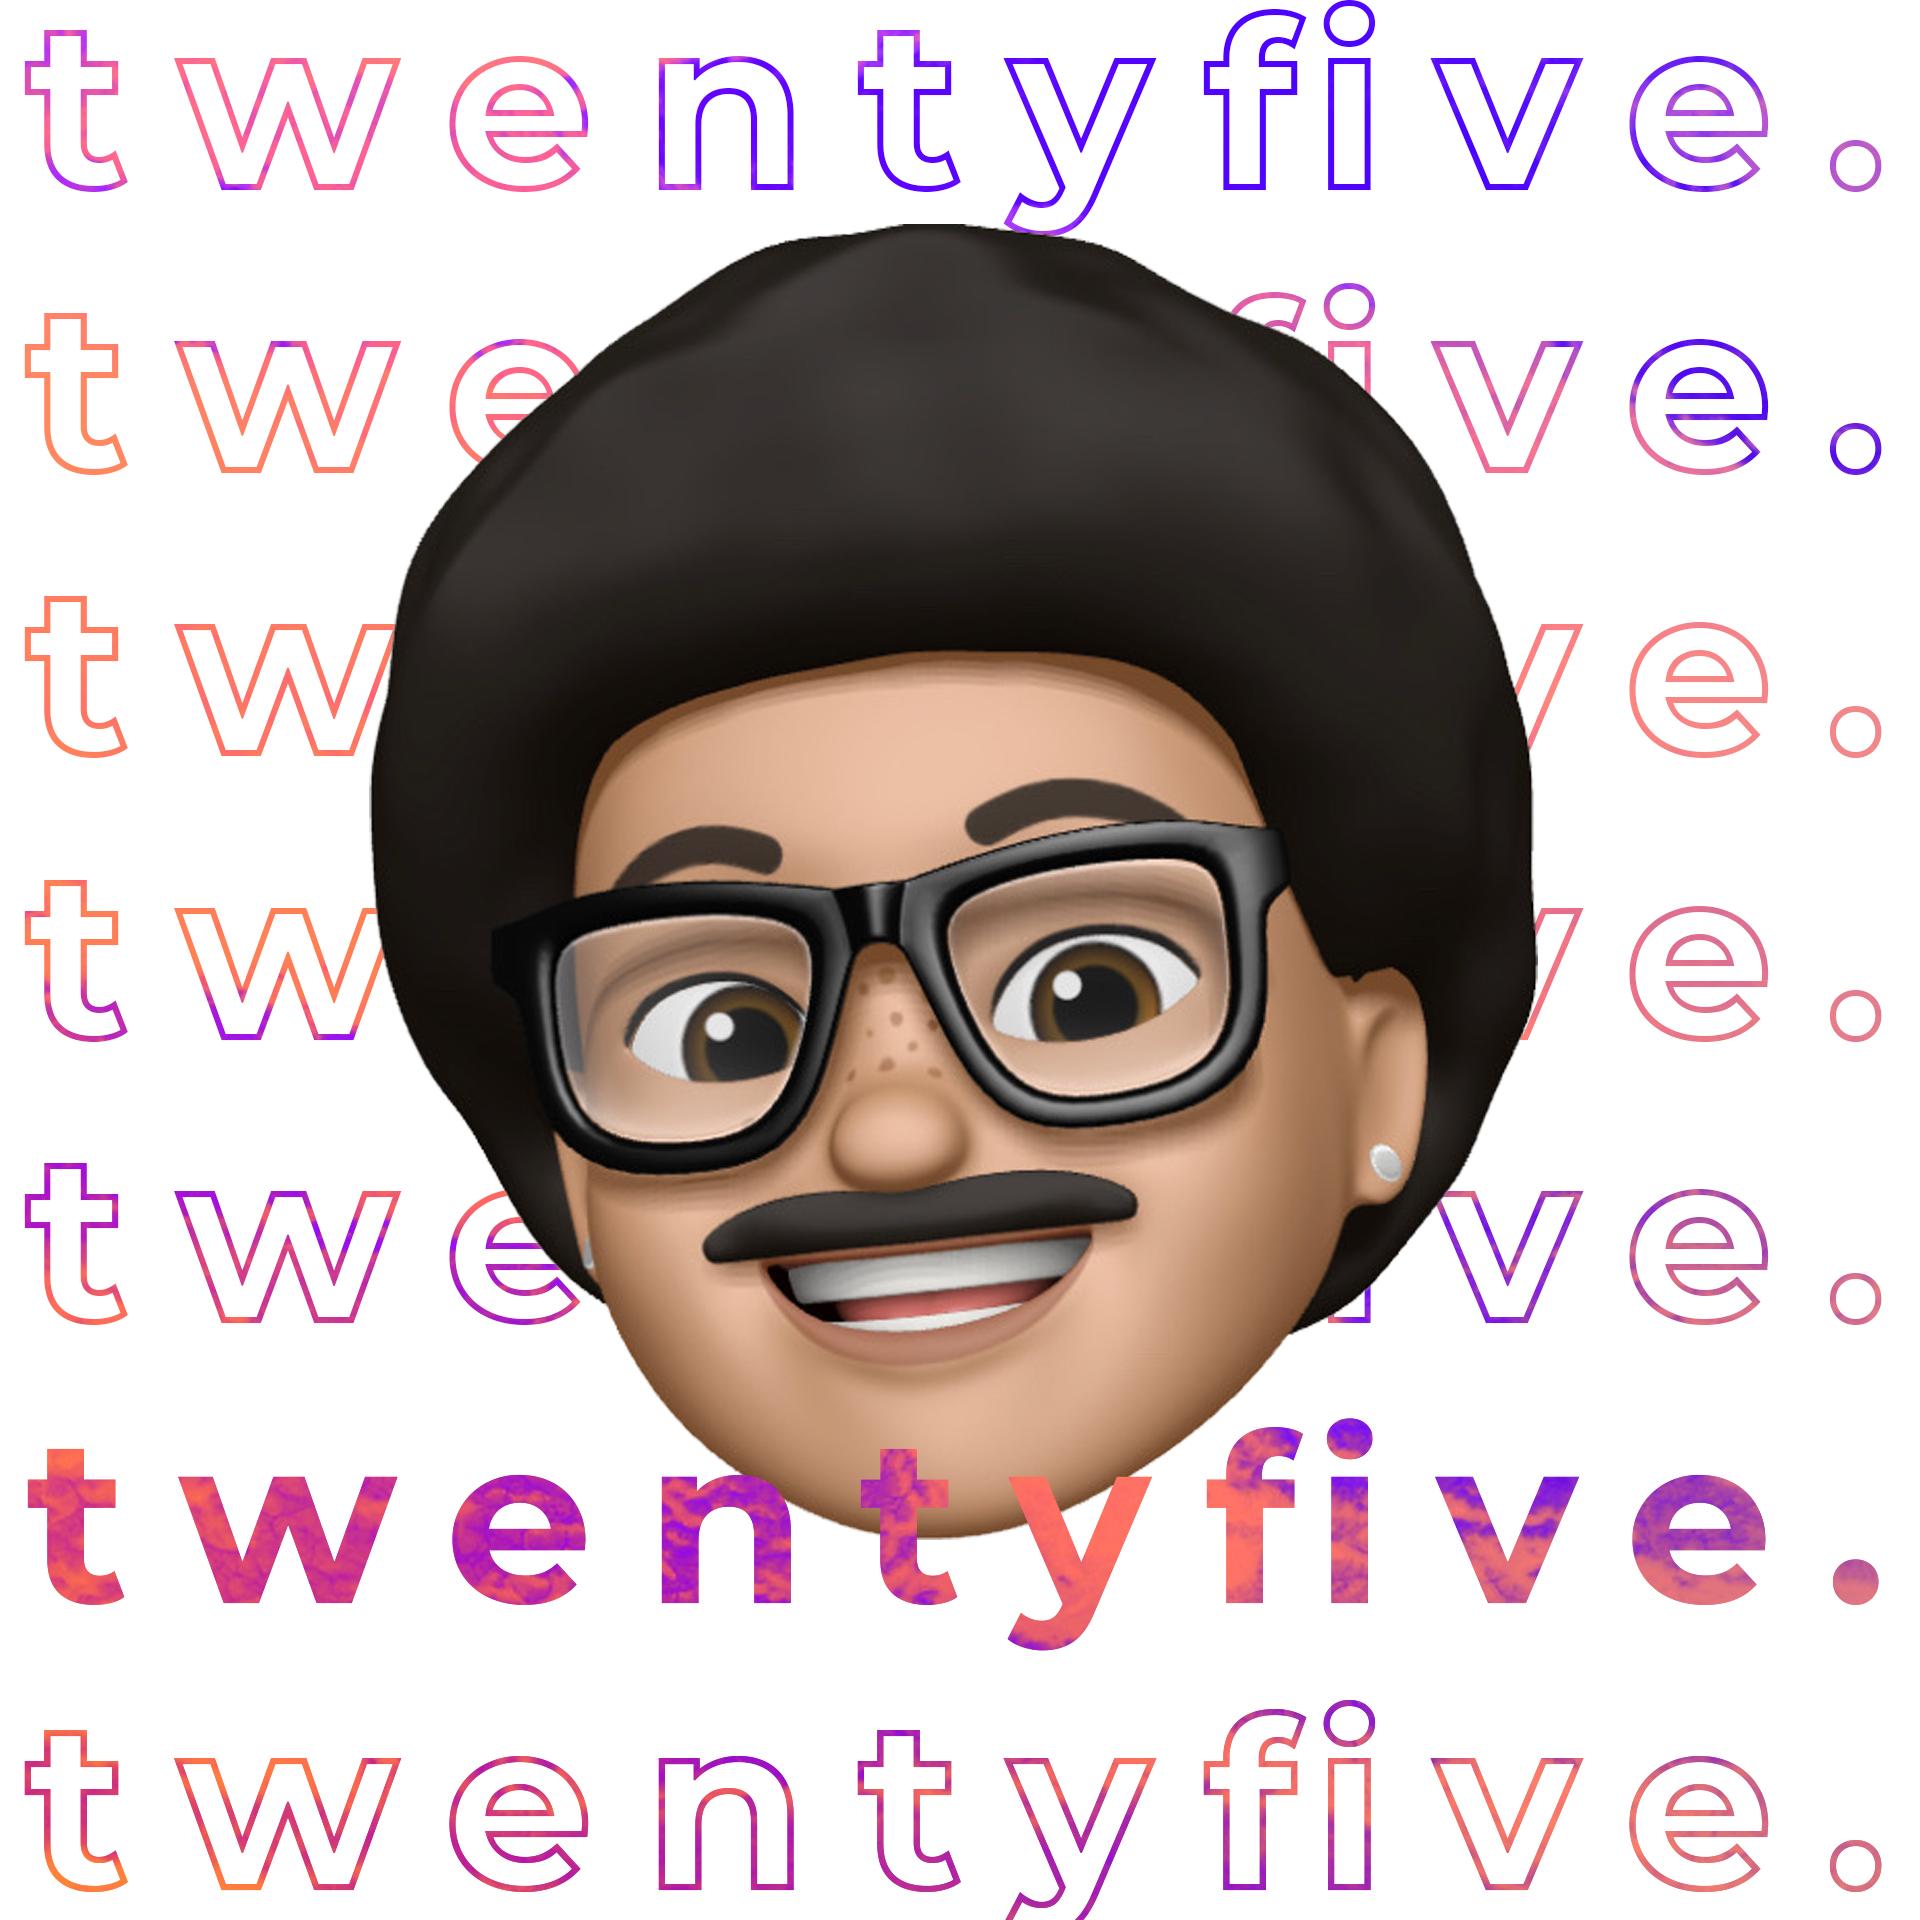 twentyfive. art.jpg